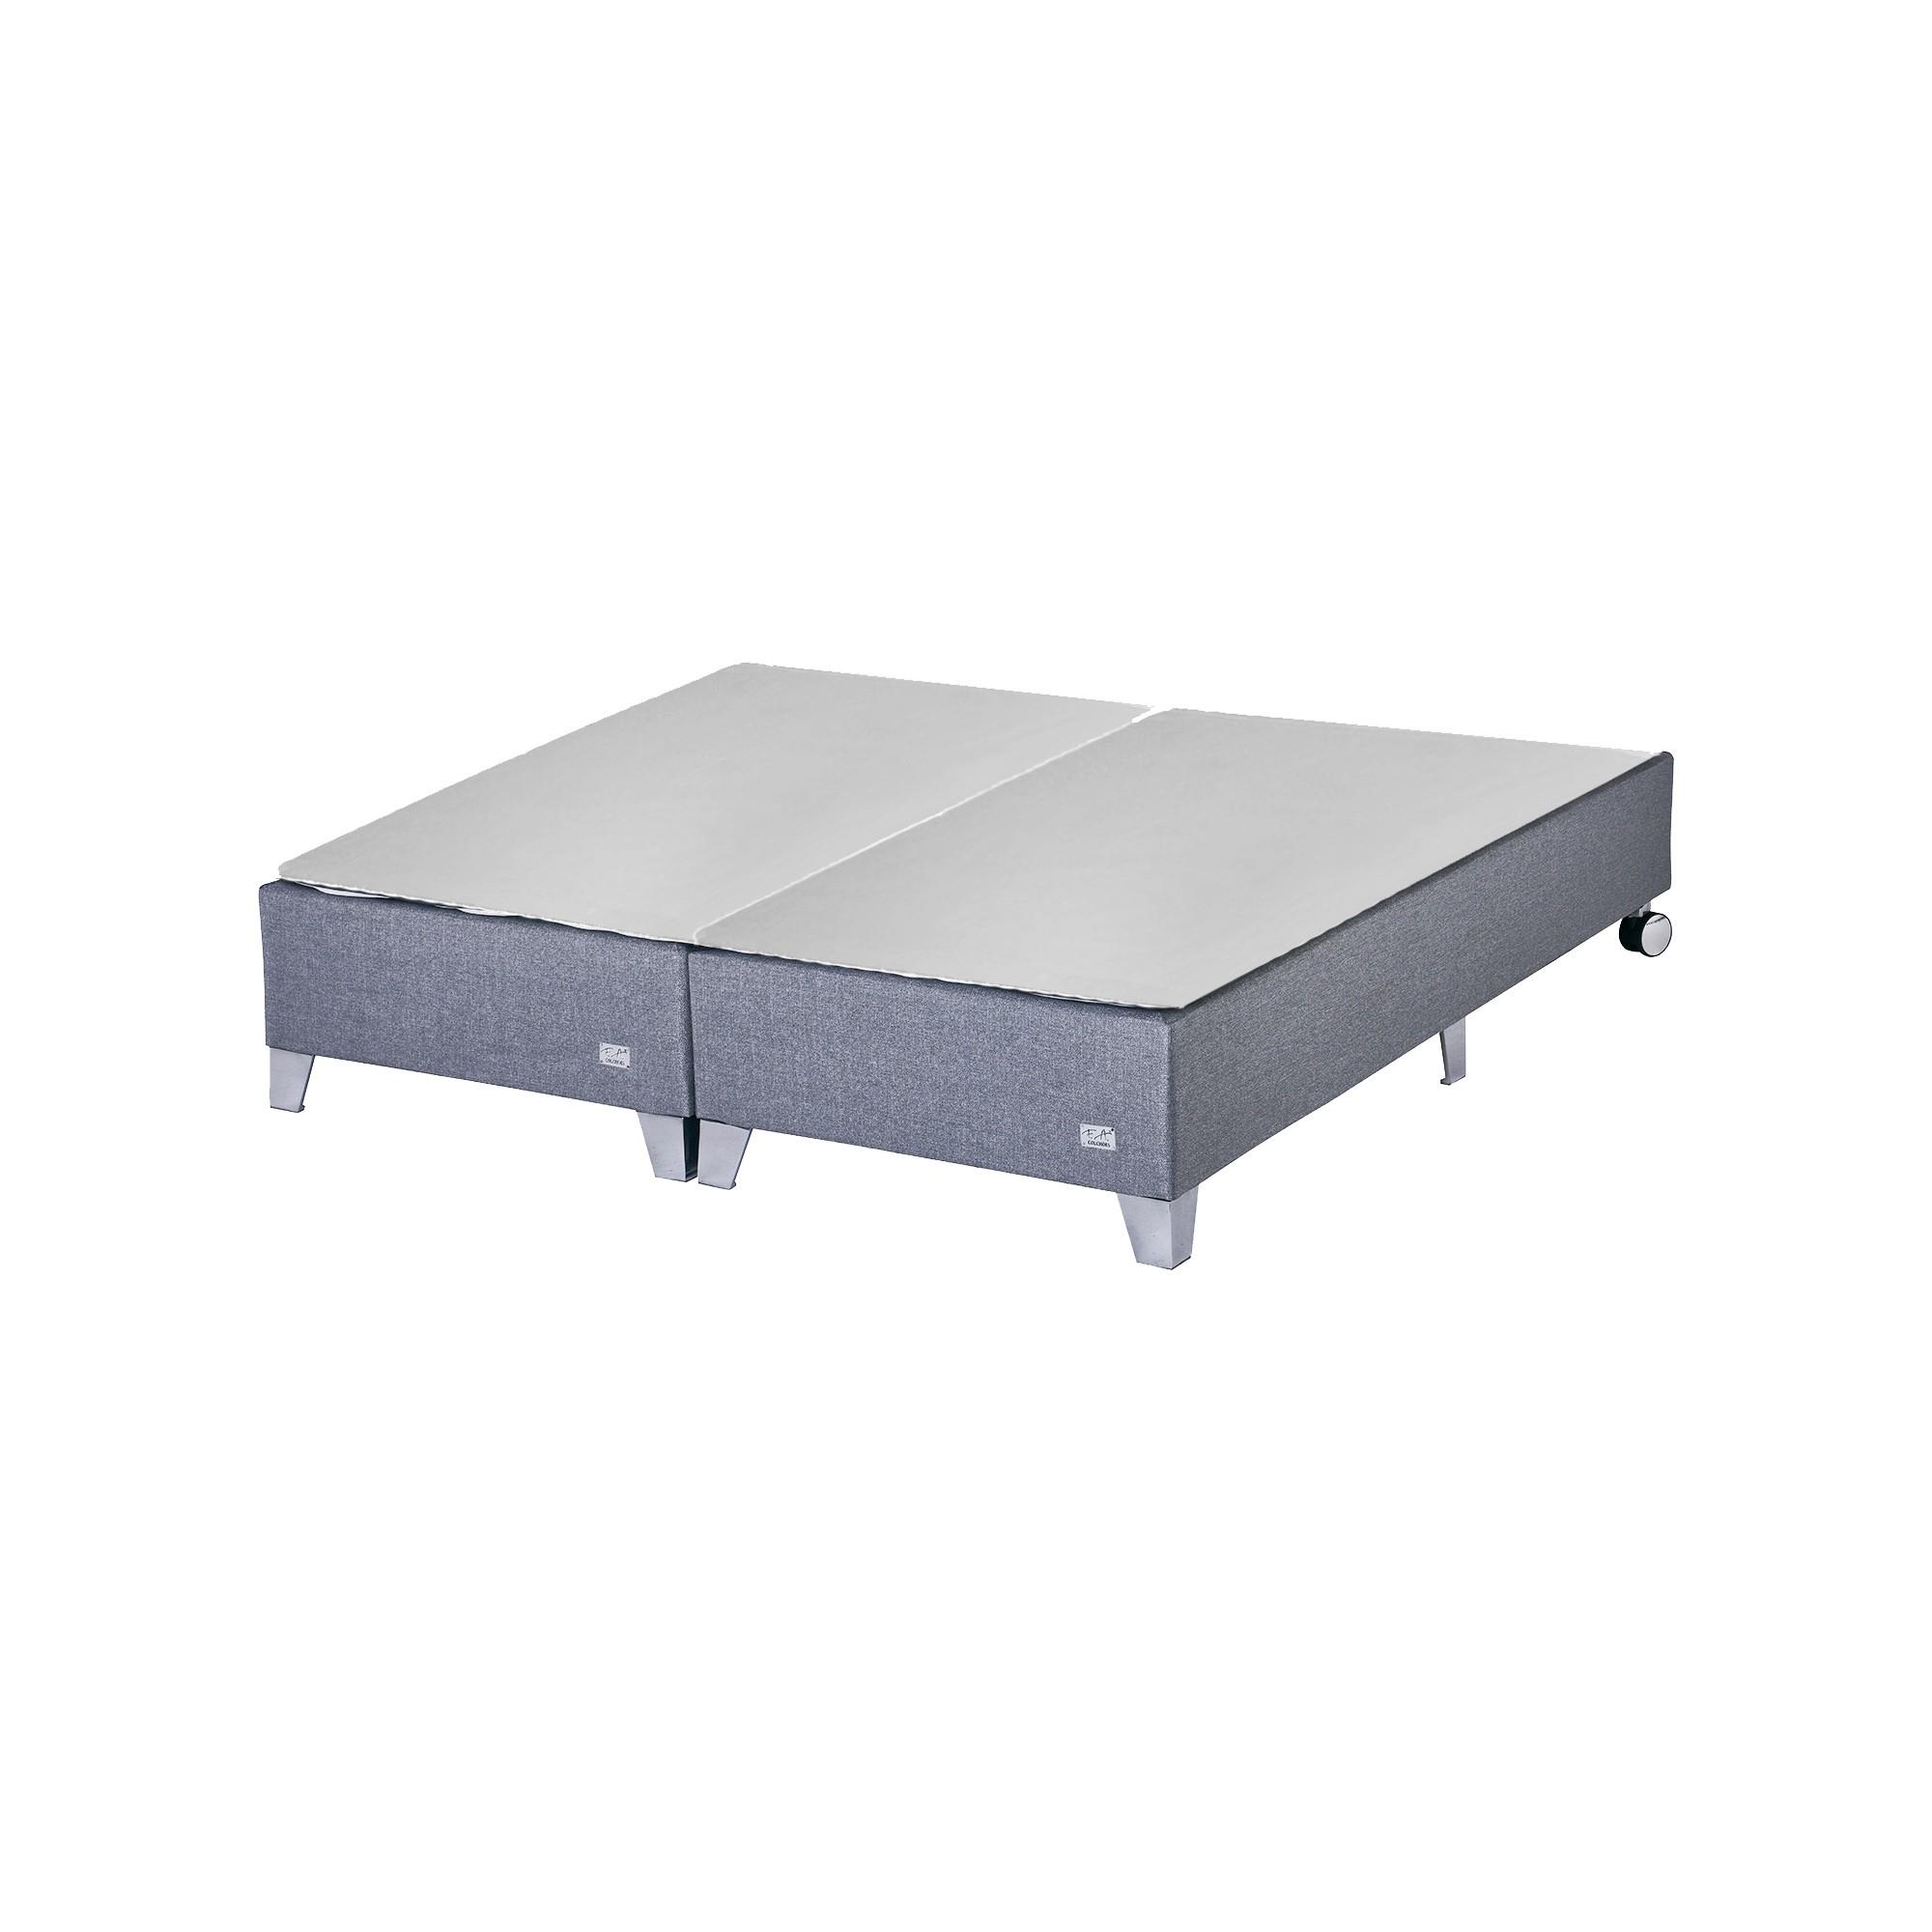 Box F.A. Colchões Premium Cinza 25 cm [Solteiro 088 x 188 cm]